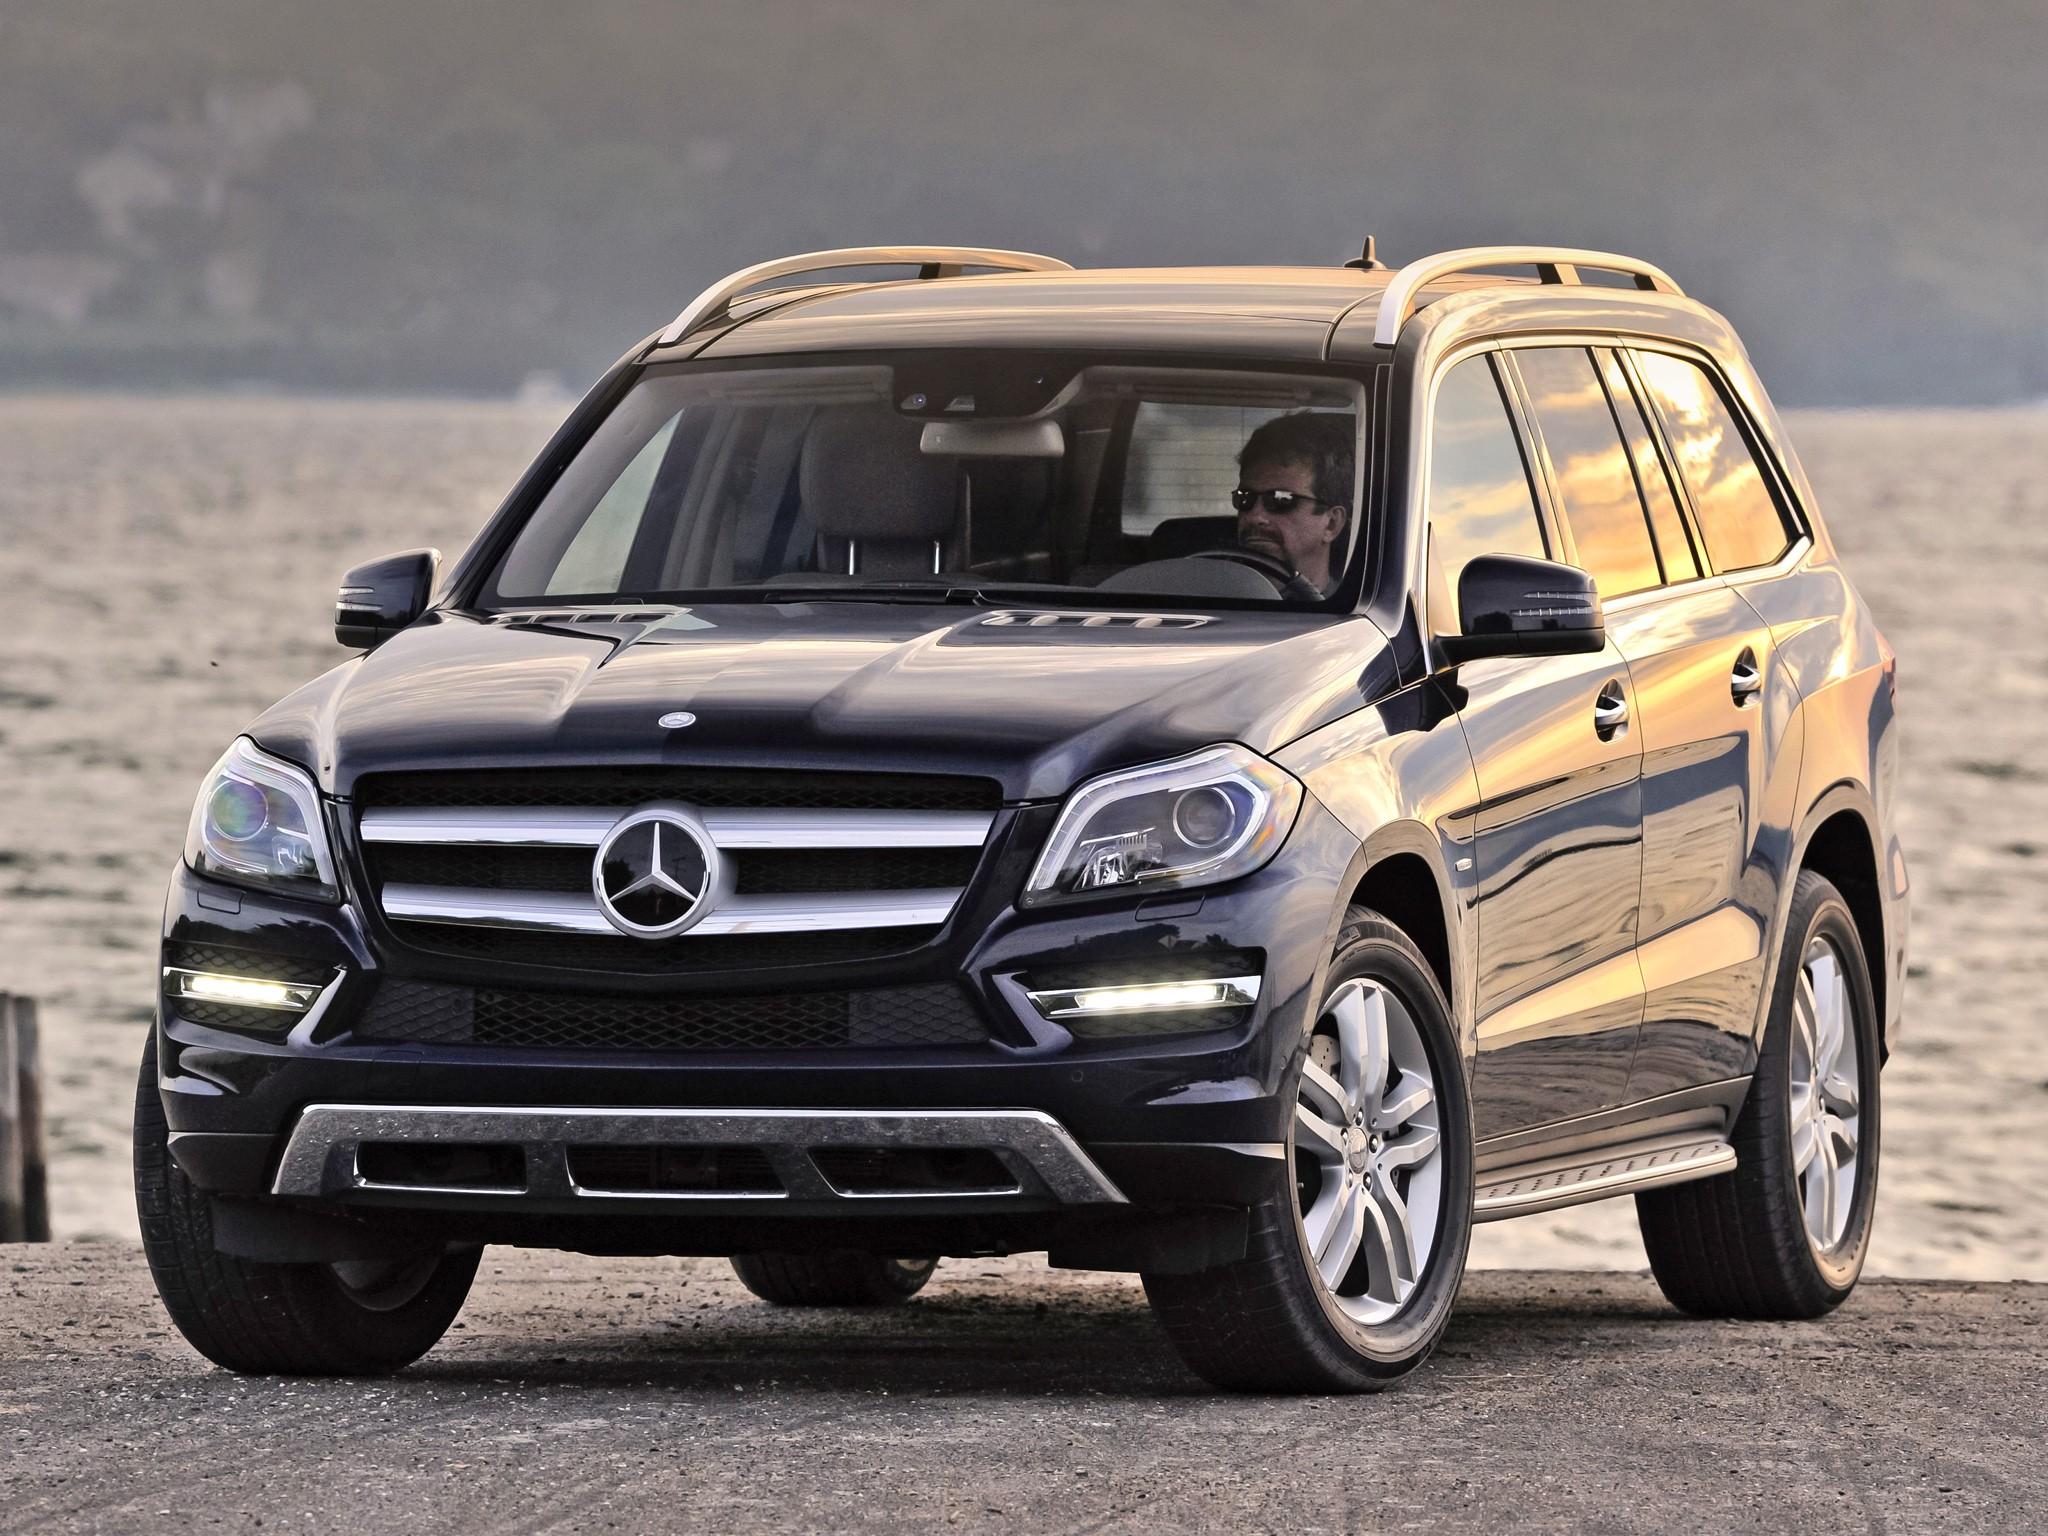 Mercedes benz gl klasse x165 specs 2012 2013 2014 for 2012 mercedes benz gl450